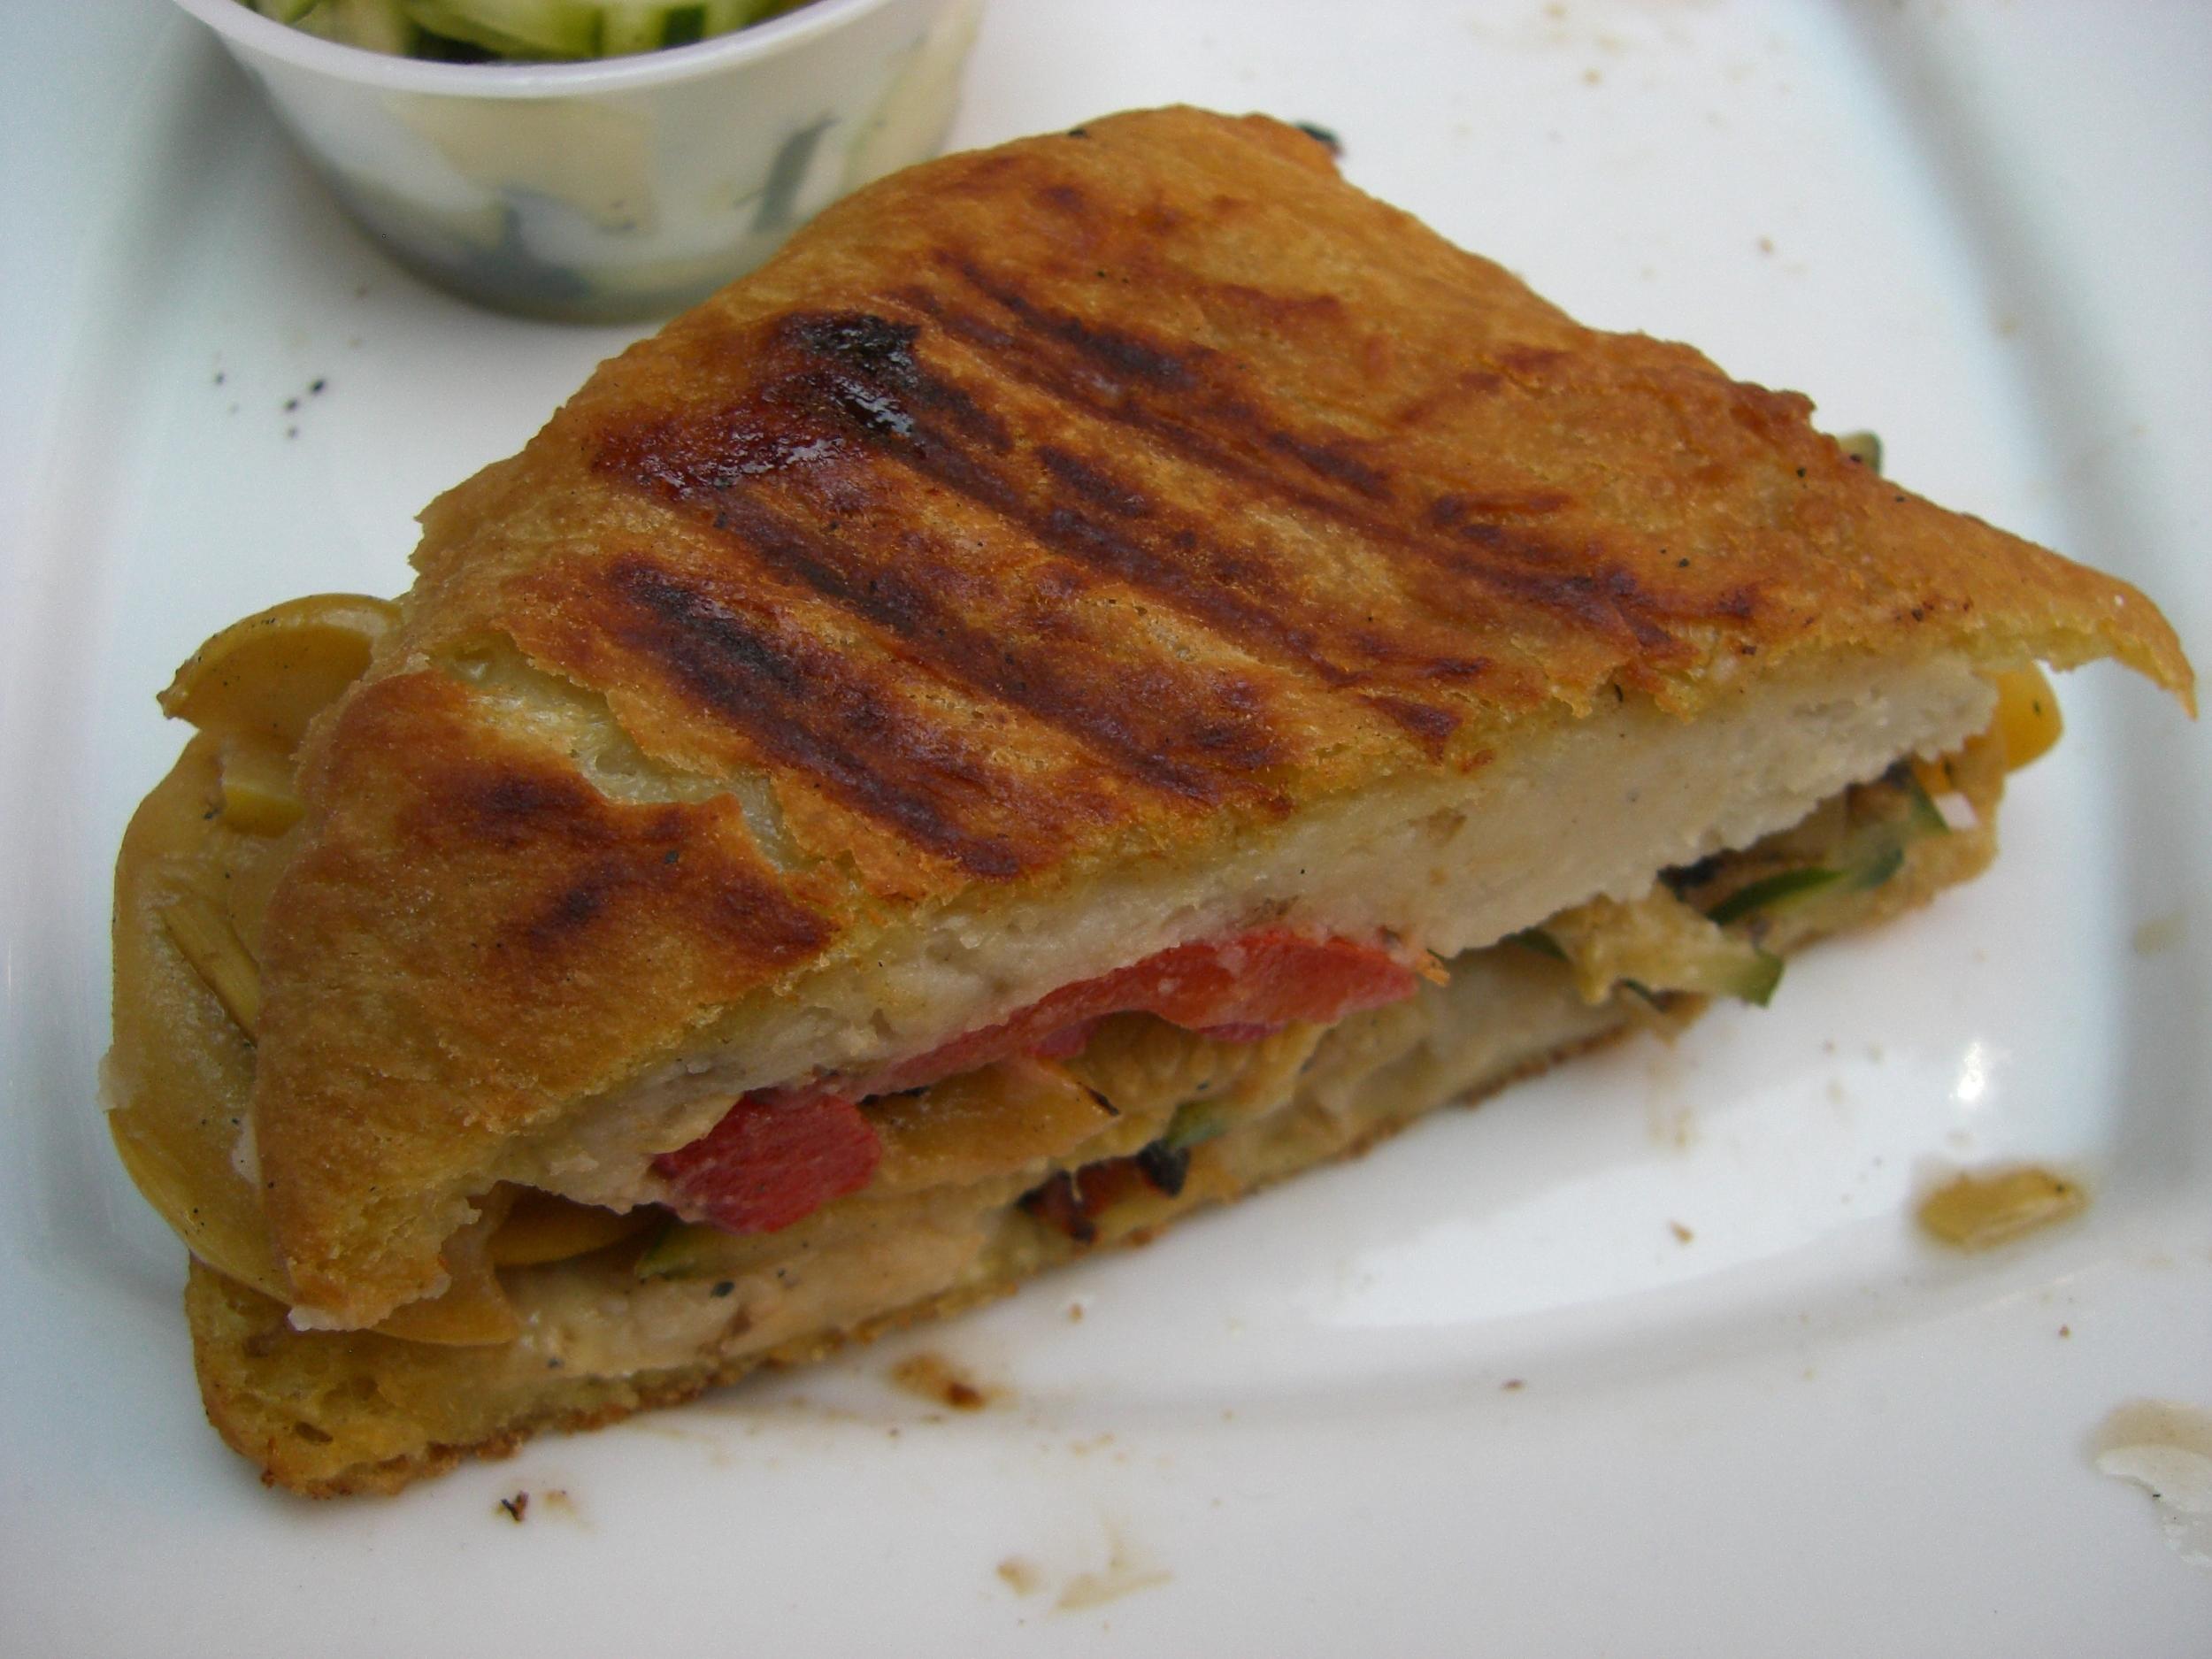 Veggie knish sandwich